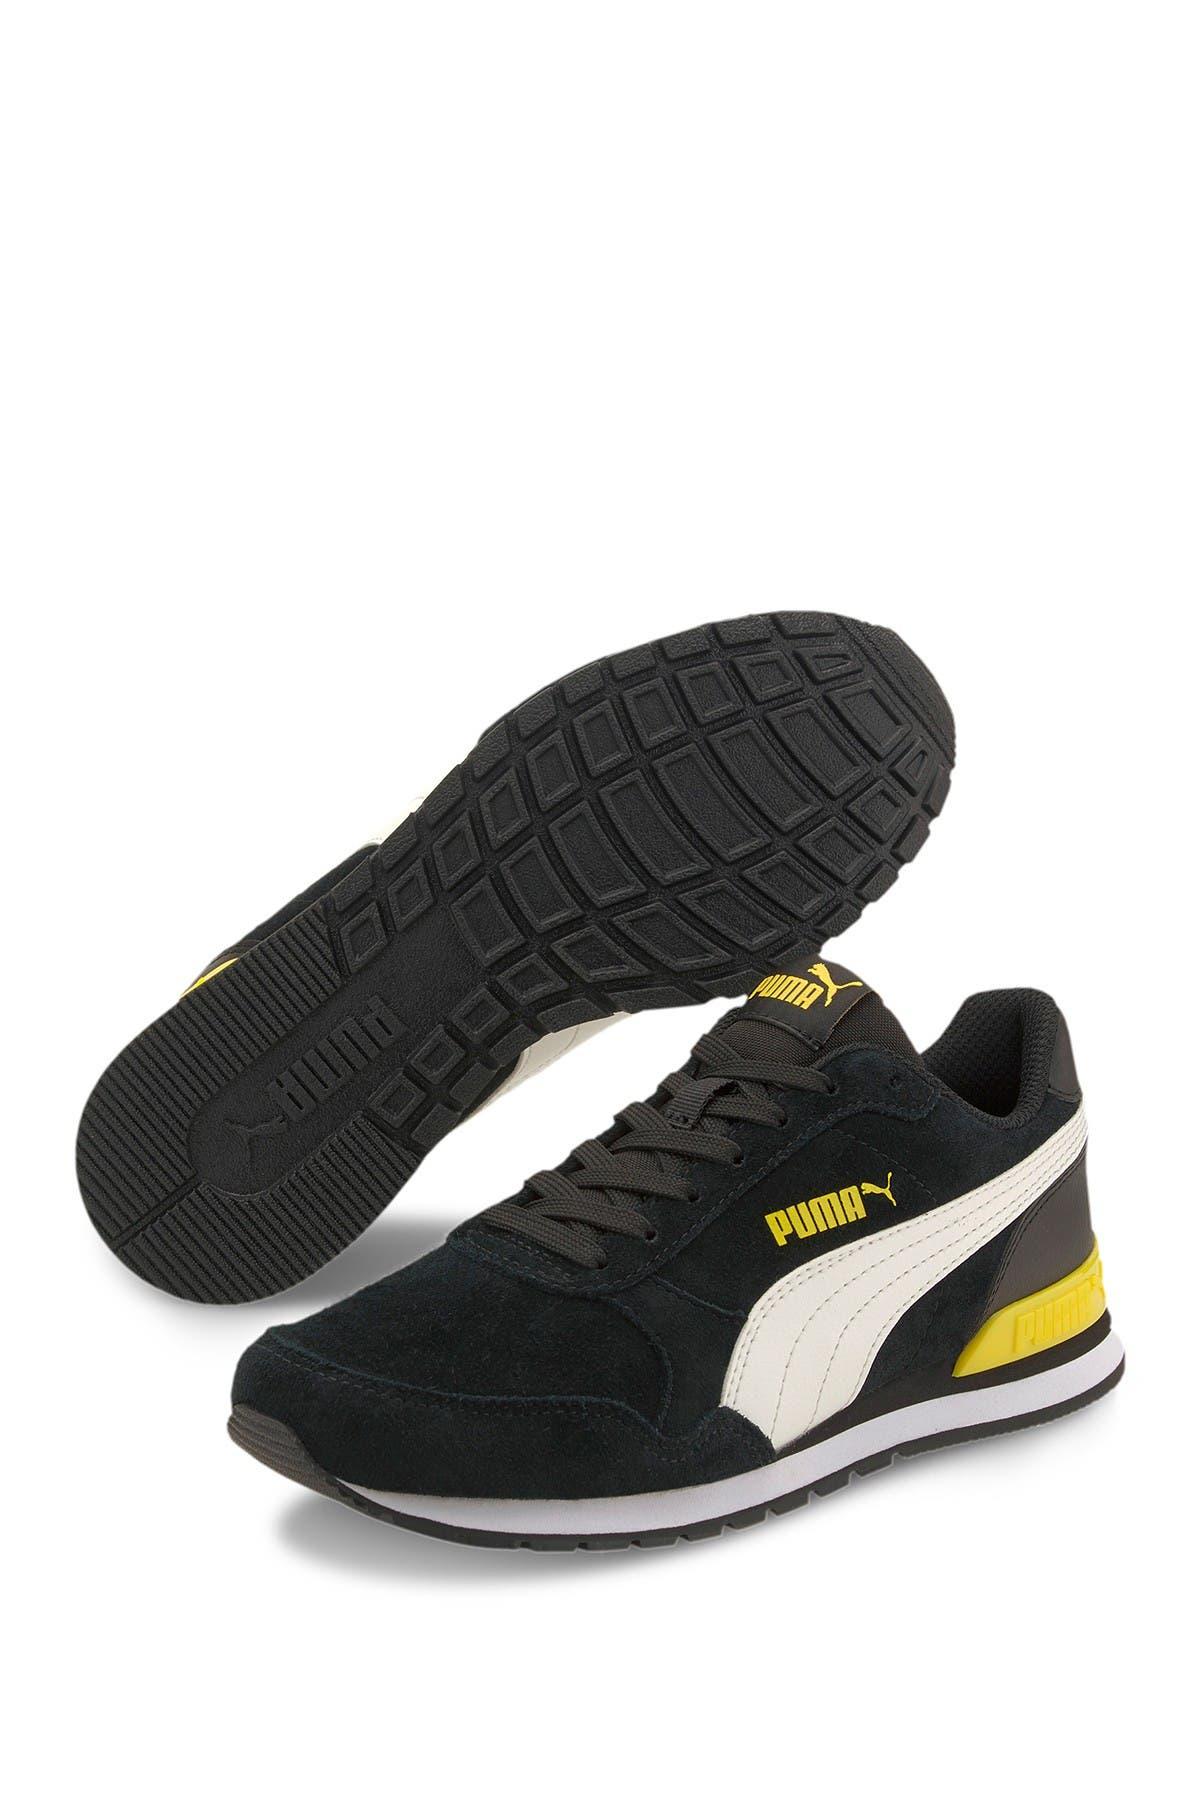 Image of PUMA ST Runner V2 SD Sneaker